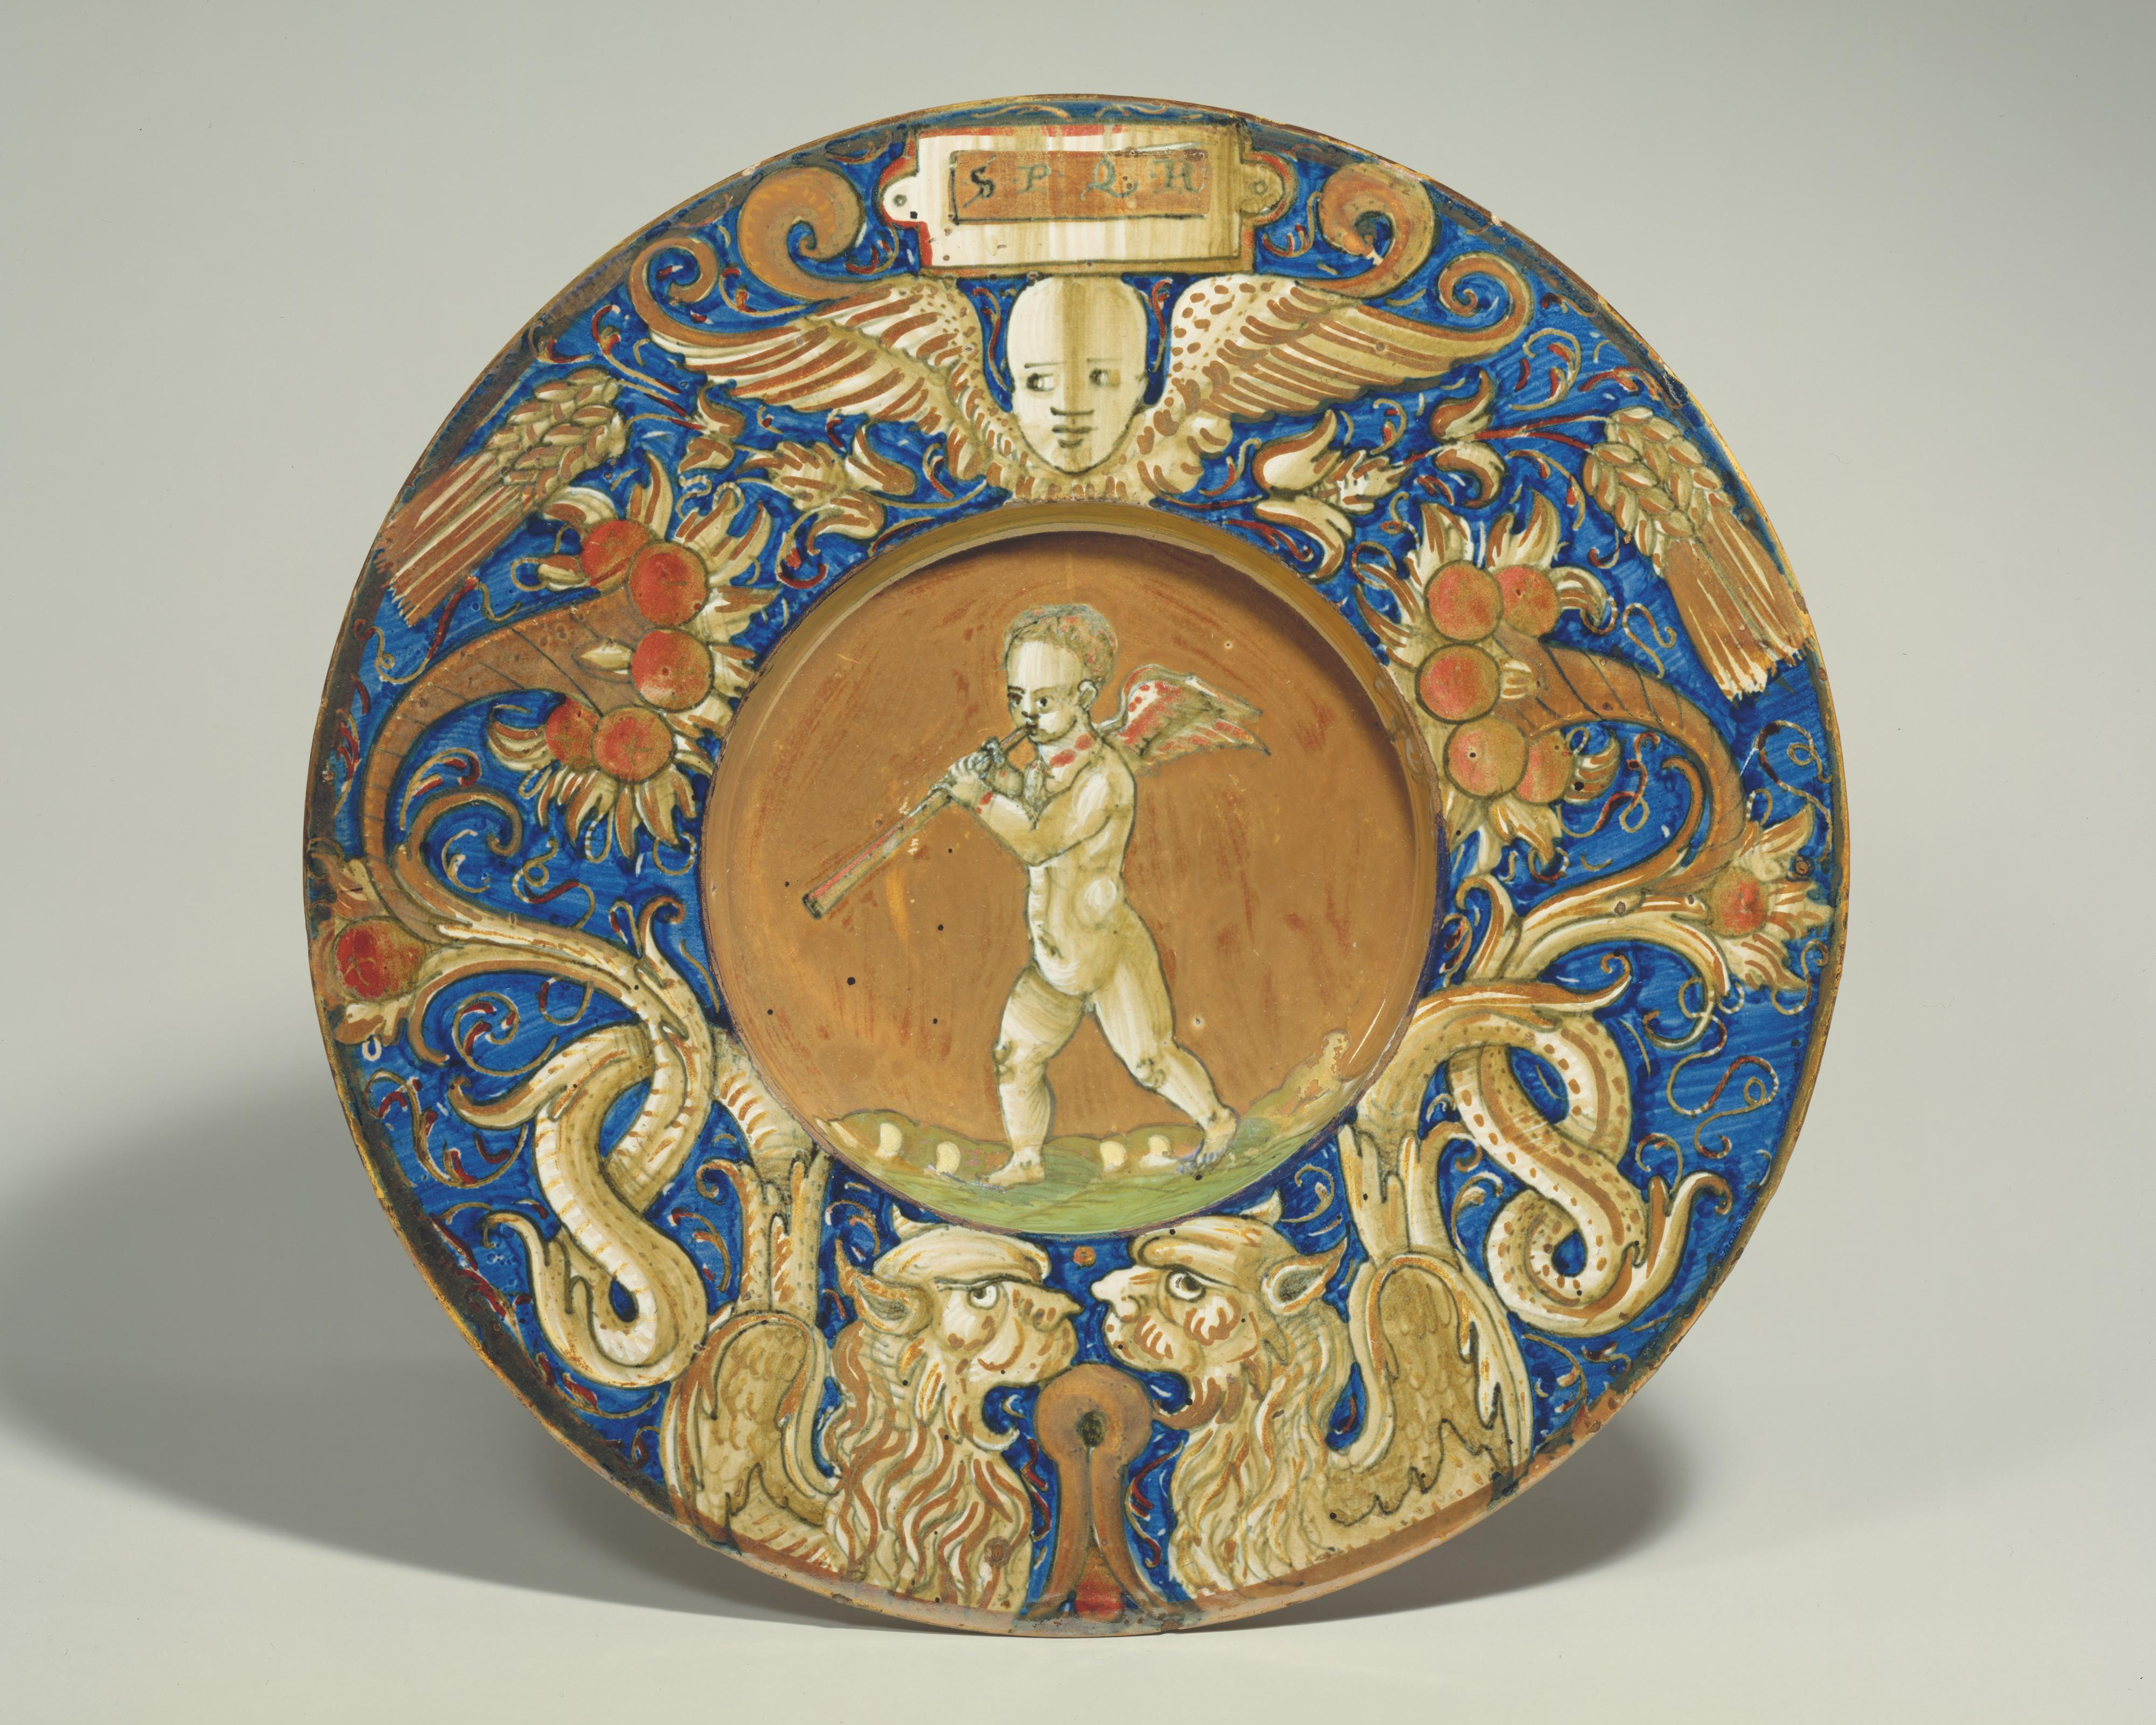 Тарелка, майолика, Эпоха Возрождения, Италия